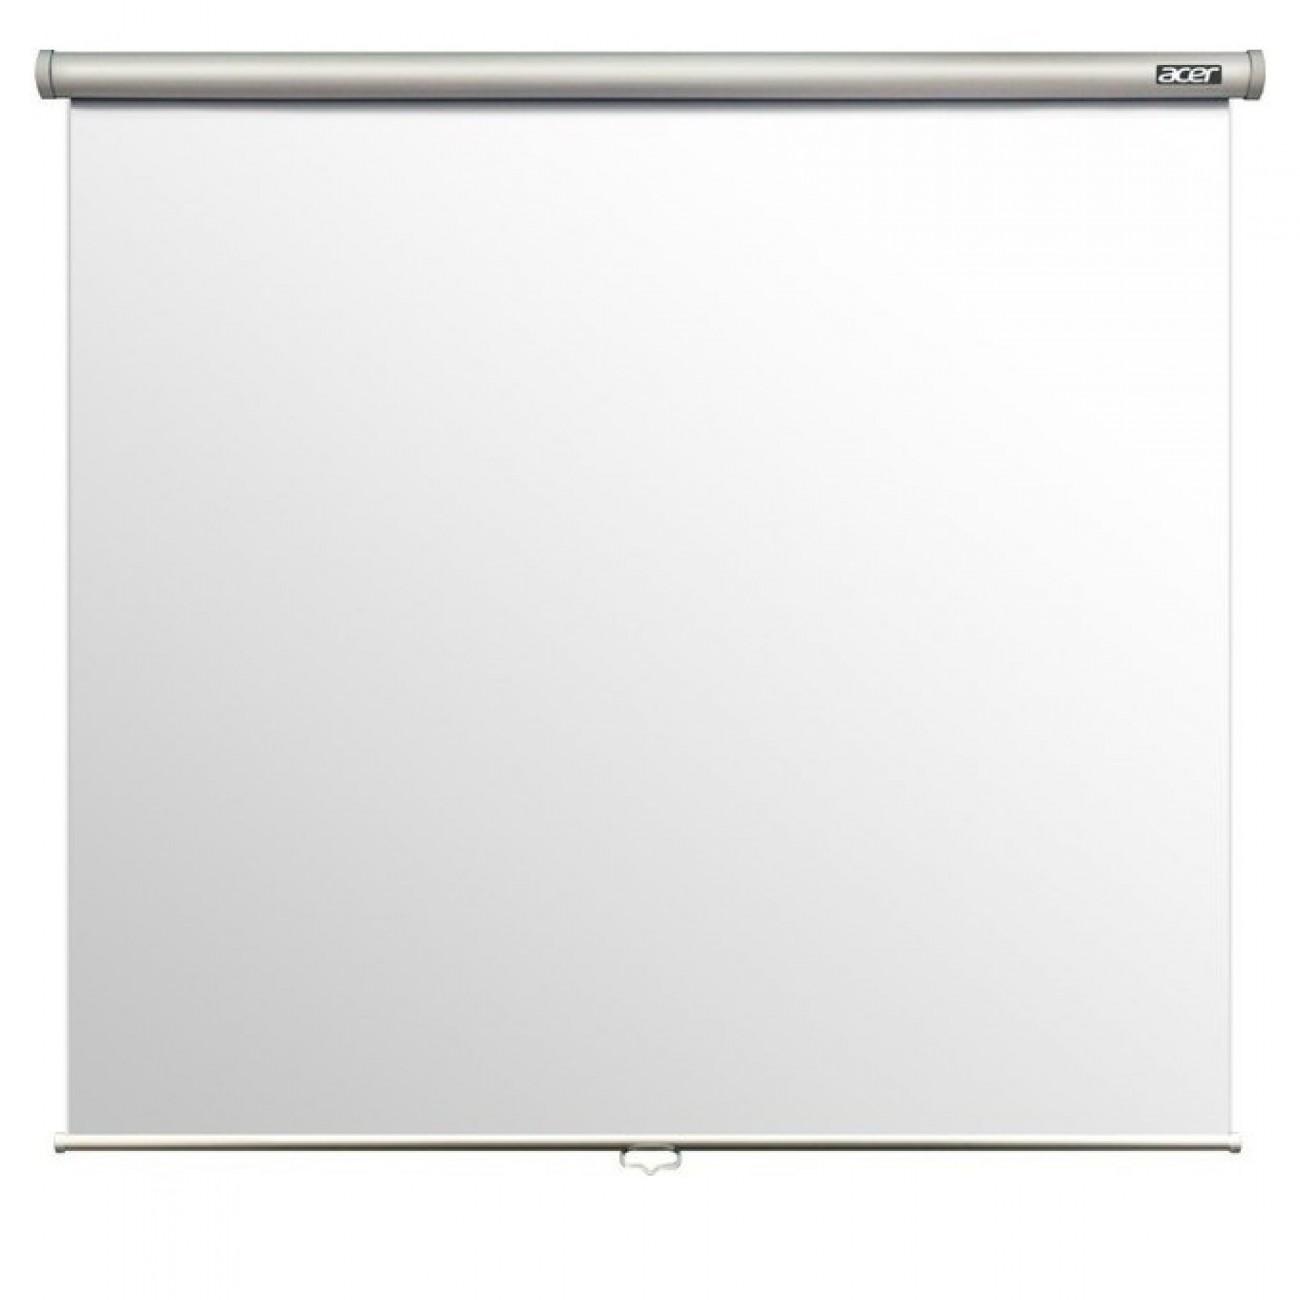 Екран Acer M87-S01MW, екран за стена/таван, 87(220.98 cm), 70x70(1740mm X 1740mm), 4:3 в Екрани за проектори -    Alleop